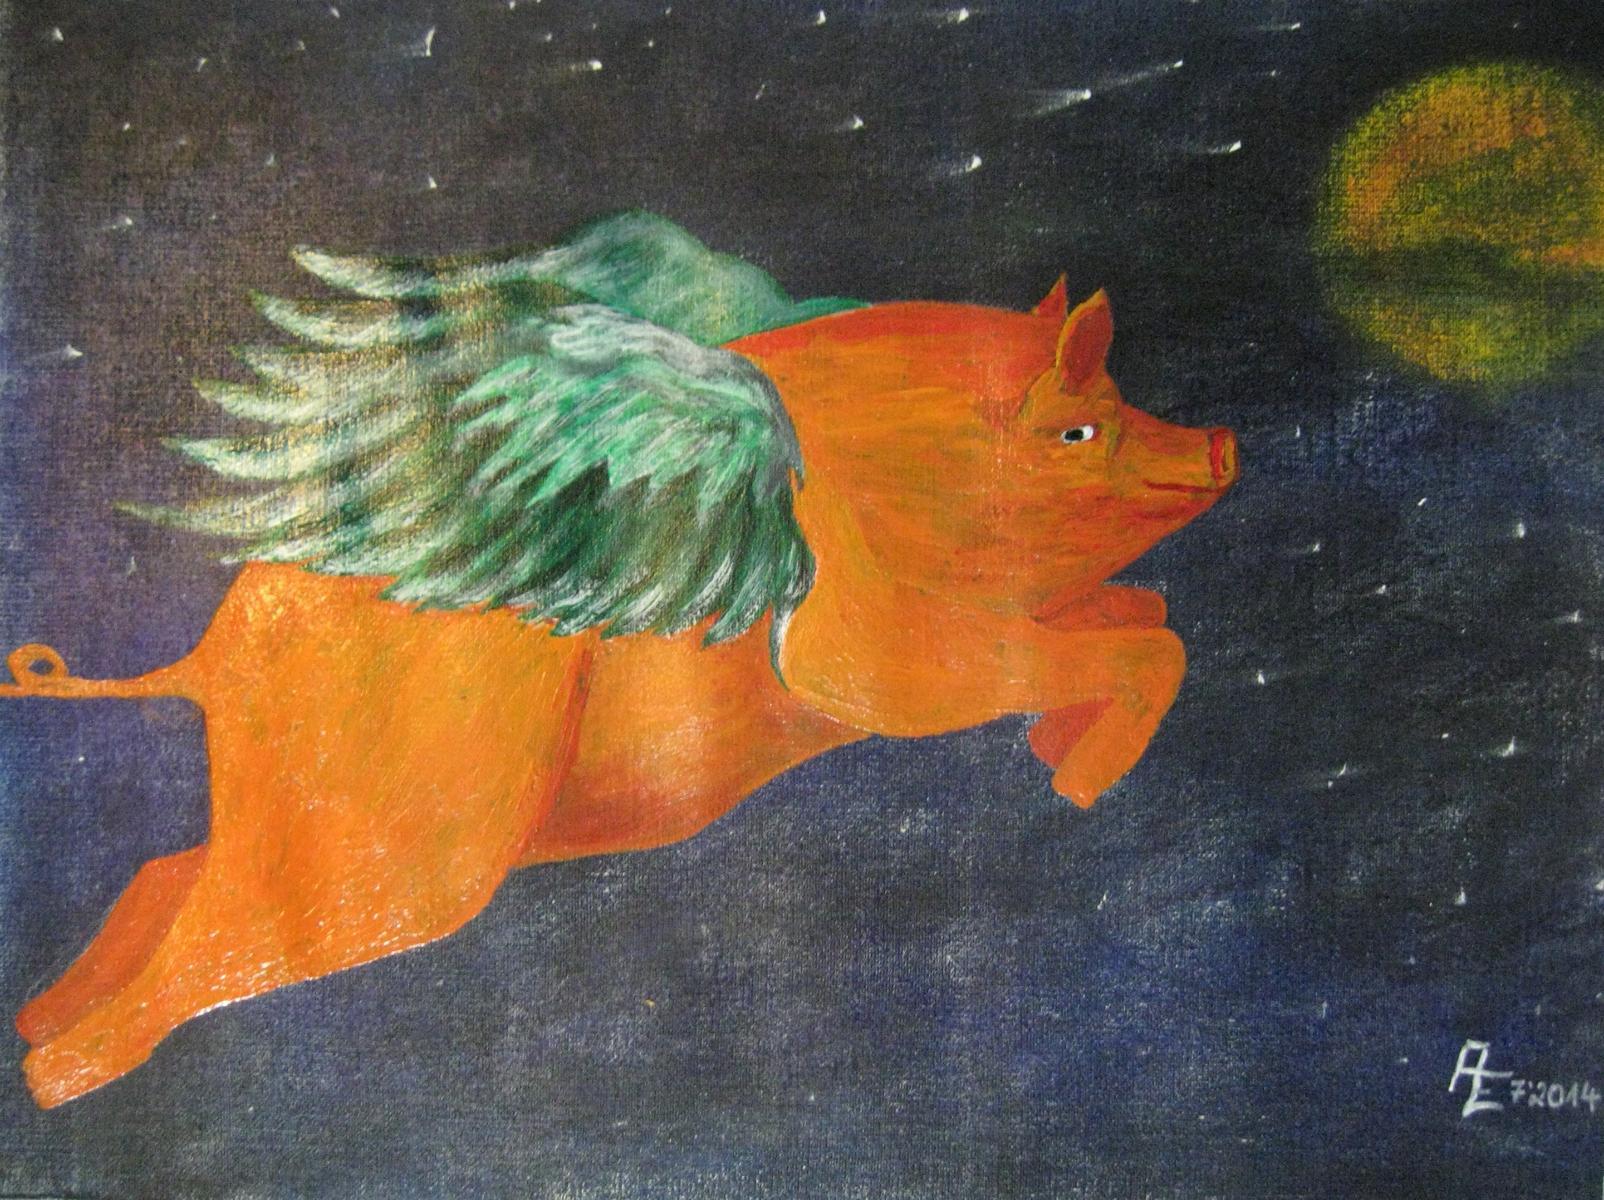 2014-07 Alles Glück dieser Welt - Acryl&Pastell auf Ölmalpapier 40x30